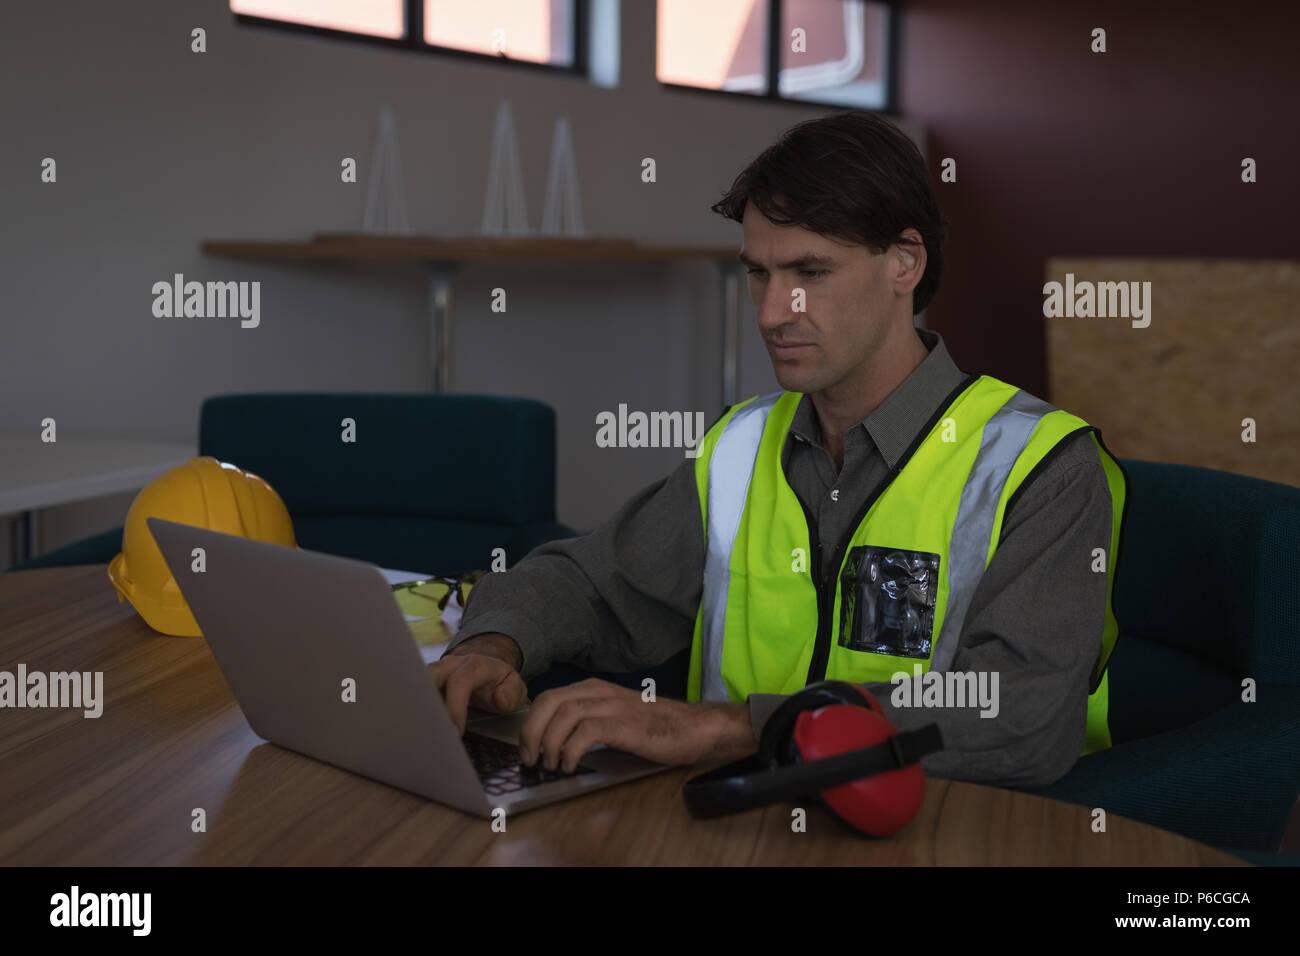 Männliche Arbeiter mit Laptop auf dem Schreibtisch Stockbild